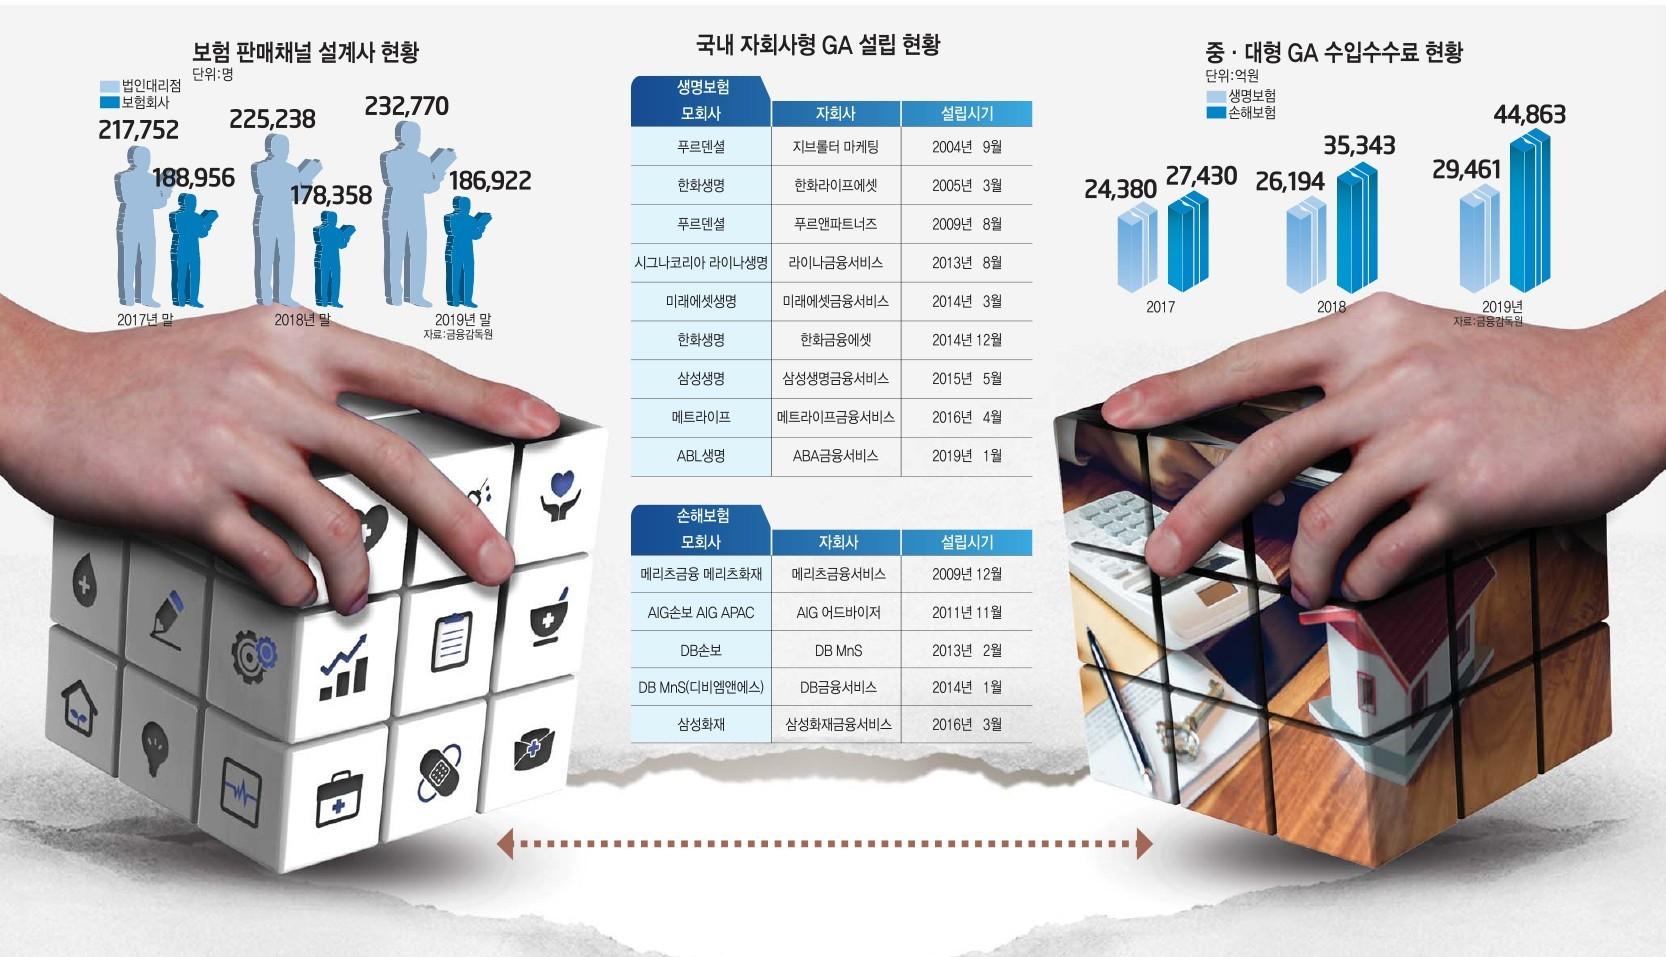 [이슈분석]보험업계 '제조-판매' 분리...GA 키워 판매 확대·고정비 절감